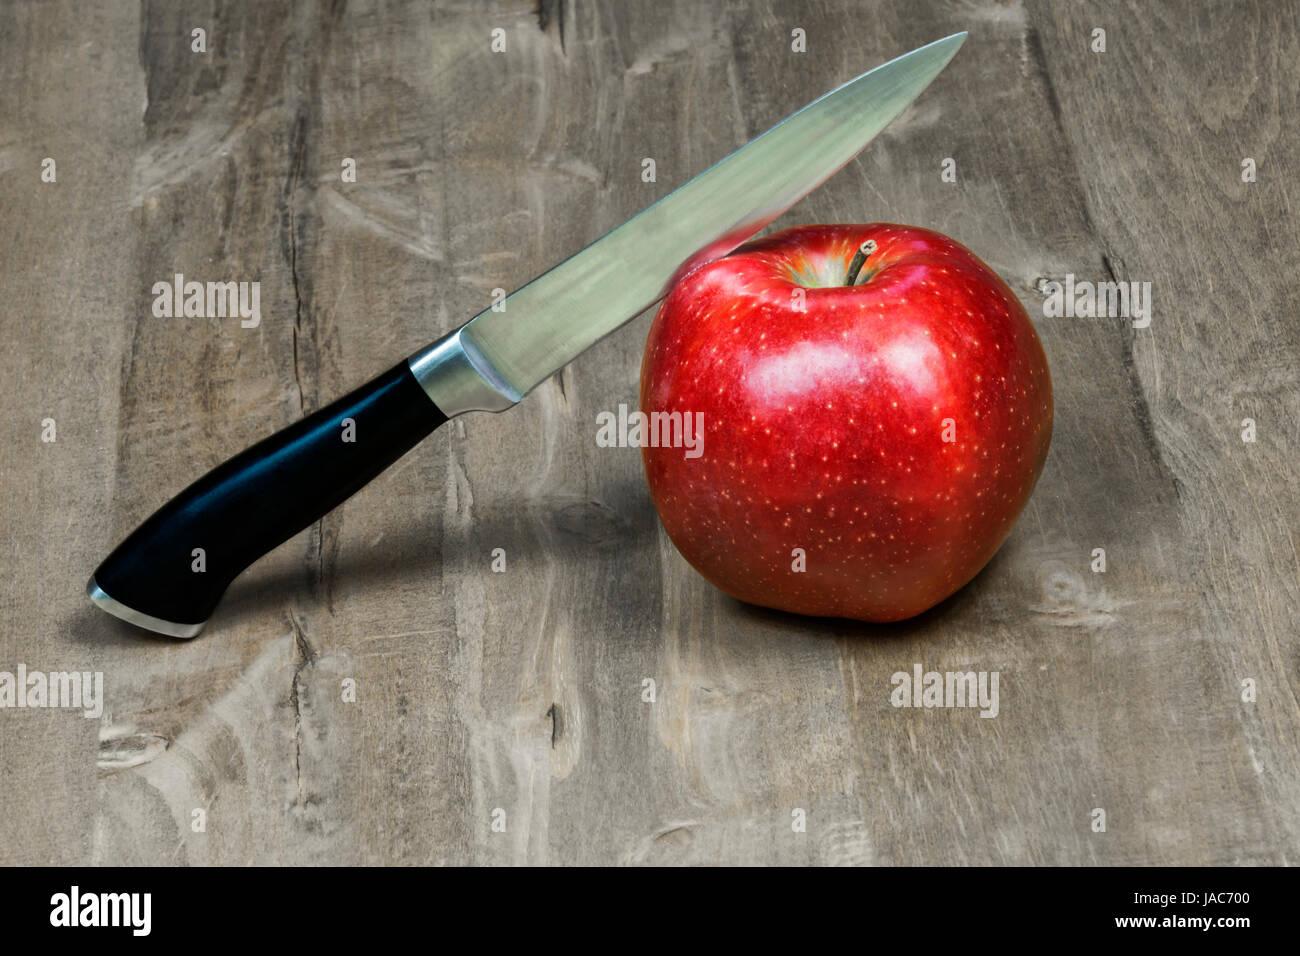 Le couteau coupe une pomme rouge est posé sur une surface en bois Photo Stock